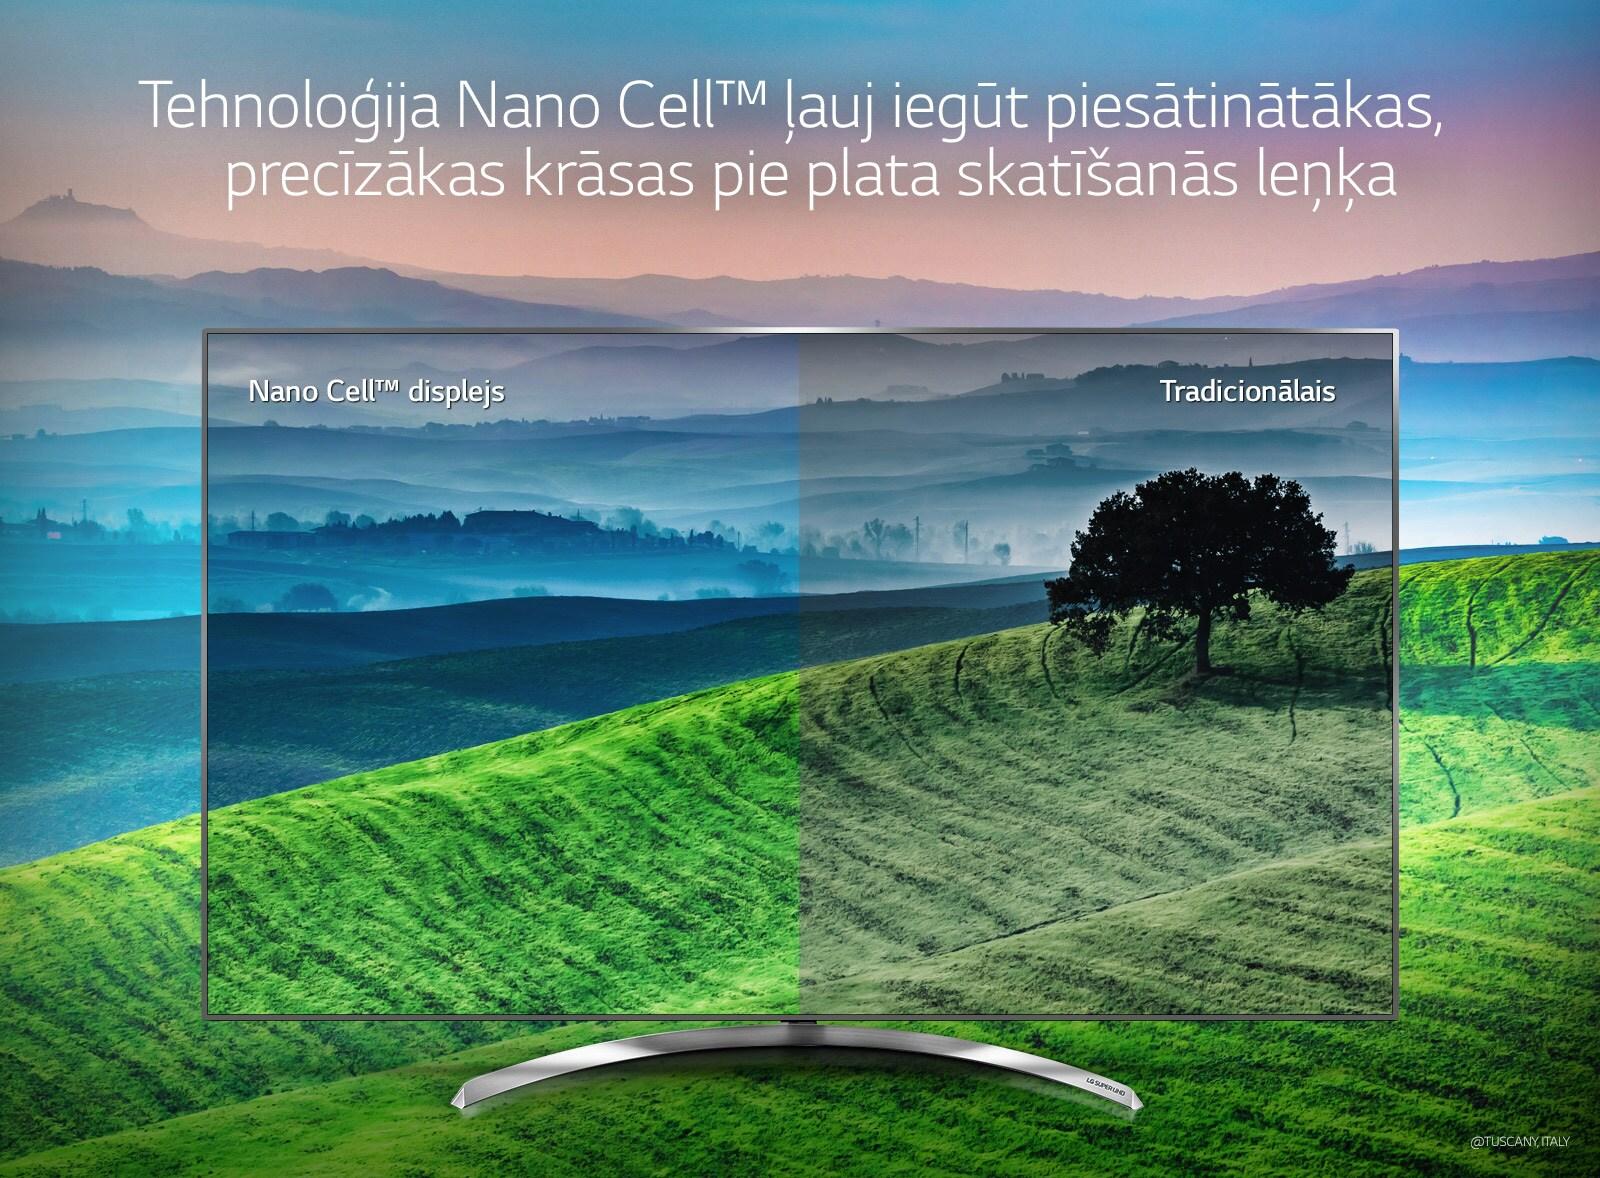 Tehnoloģija Nano Cell™ ļauj iegūt piesātinātākas, precīzākas krāsas pie plata skatīšanās leņķa